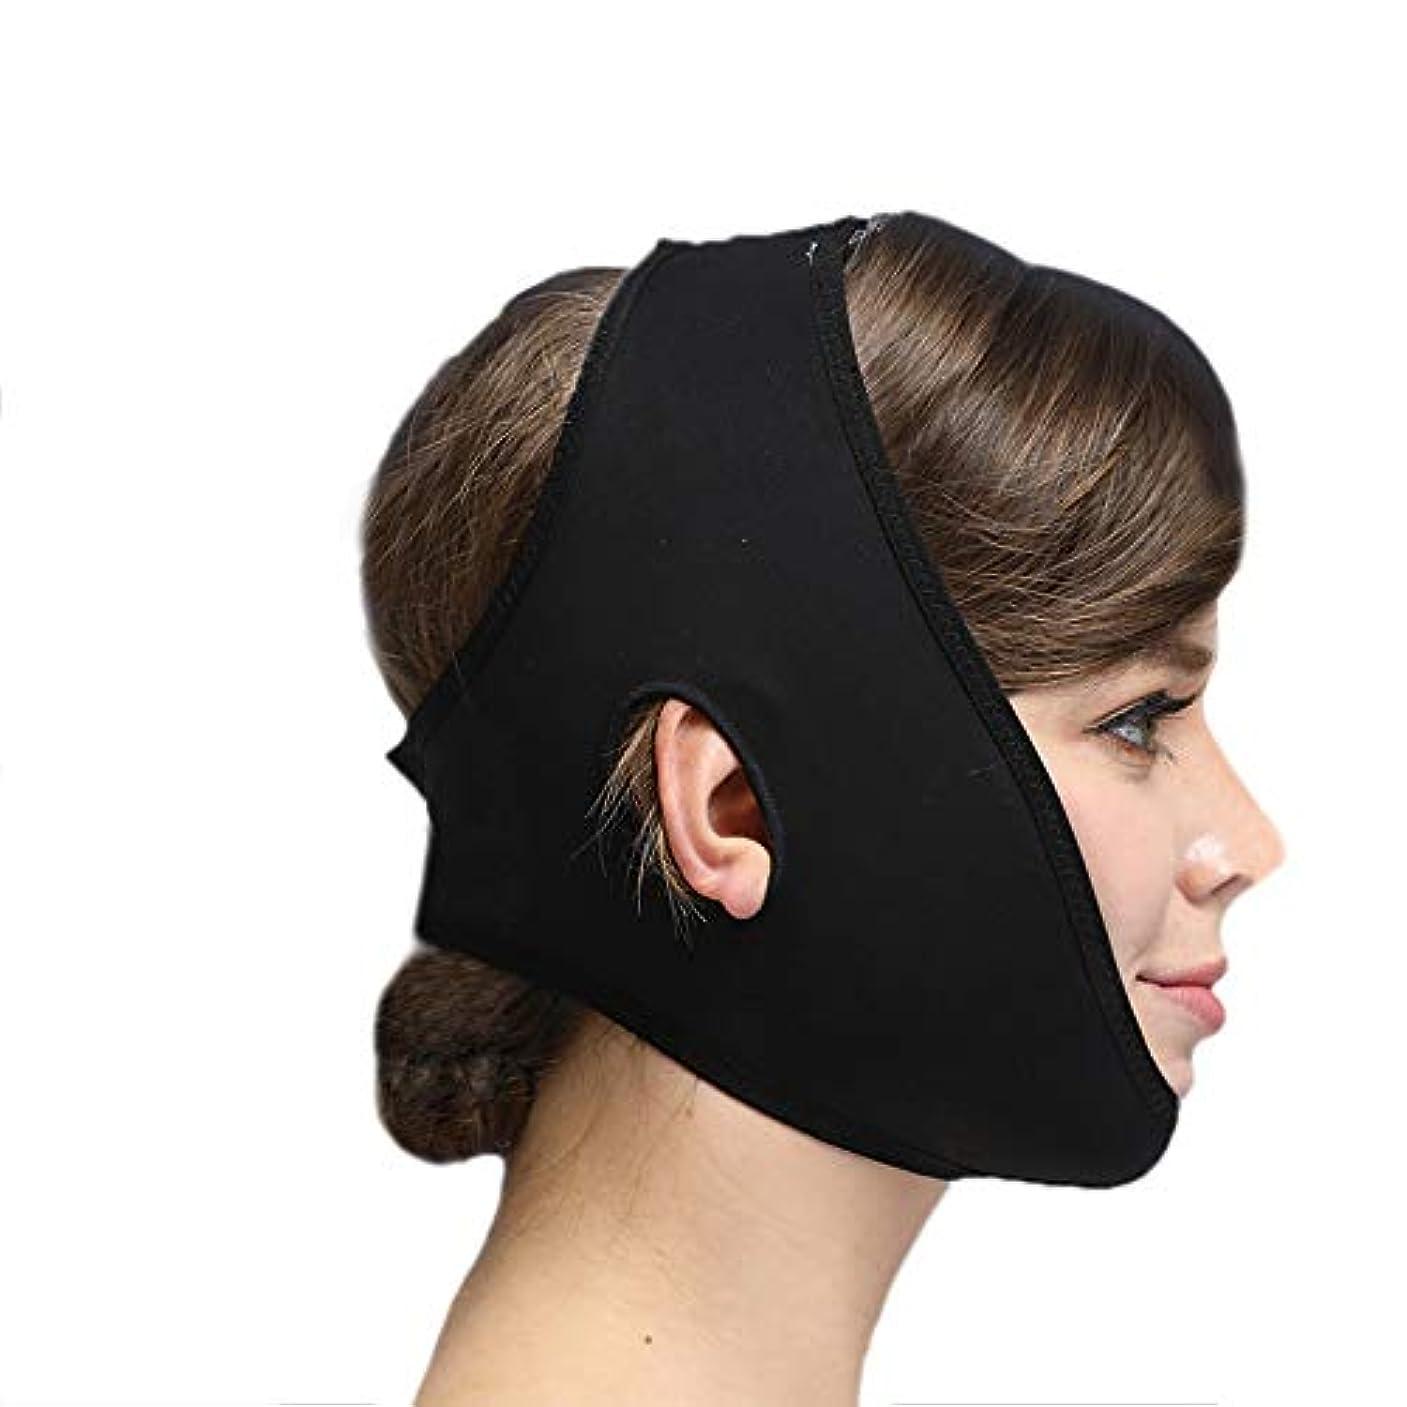 または画像補正XHLMRMJ 顔の痩身マスク、快適で通気性のある、顔面の持ち上がることおよび輪郭を描くことで、堅さの向上、引き締まることおよび顔を持ち上げること (Color : Black2, Size : L)